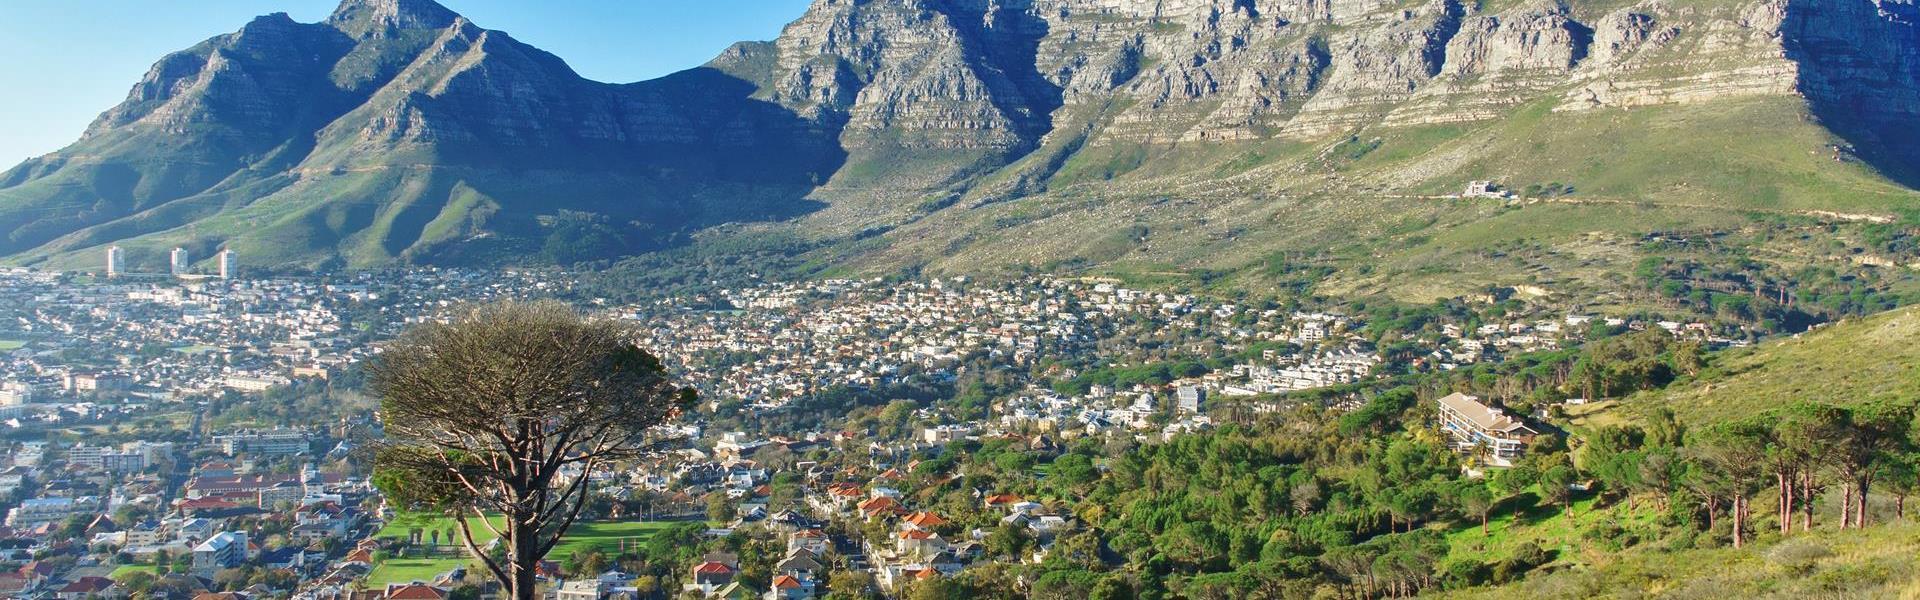 Po vlastní ose - Západní Kapsko - Kapské Město - matka měst